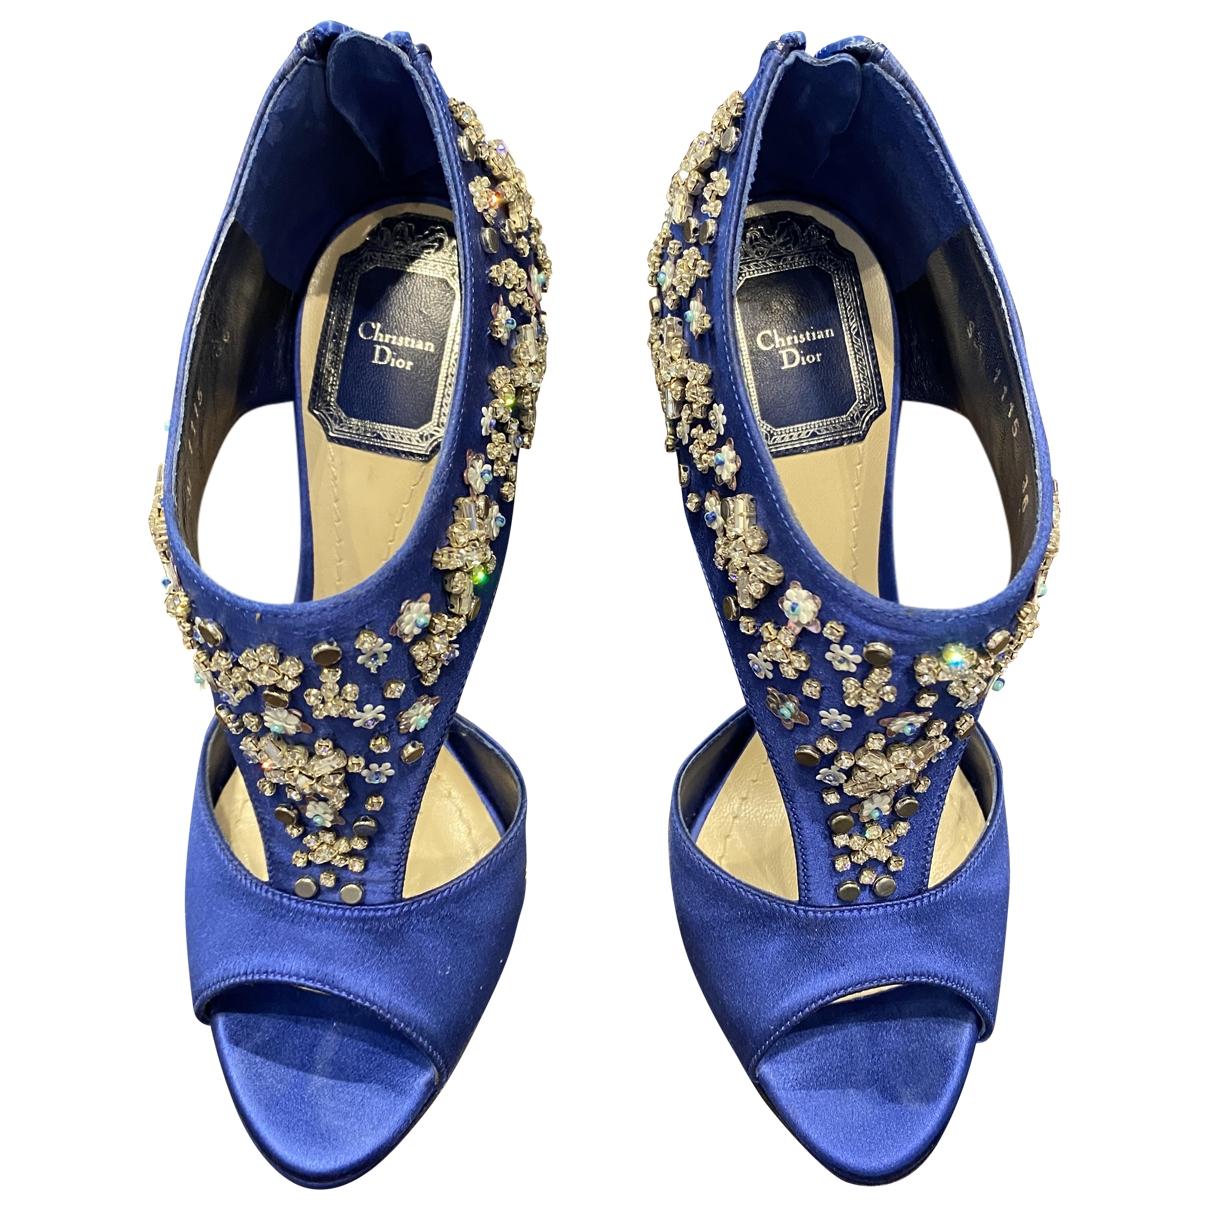 Sandalias de Lona Christian Dior